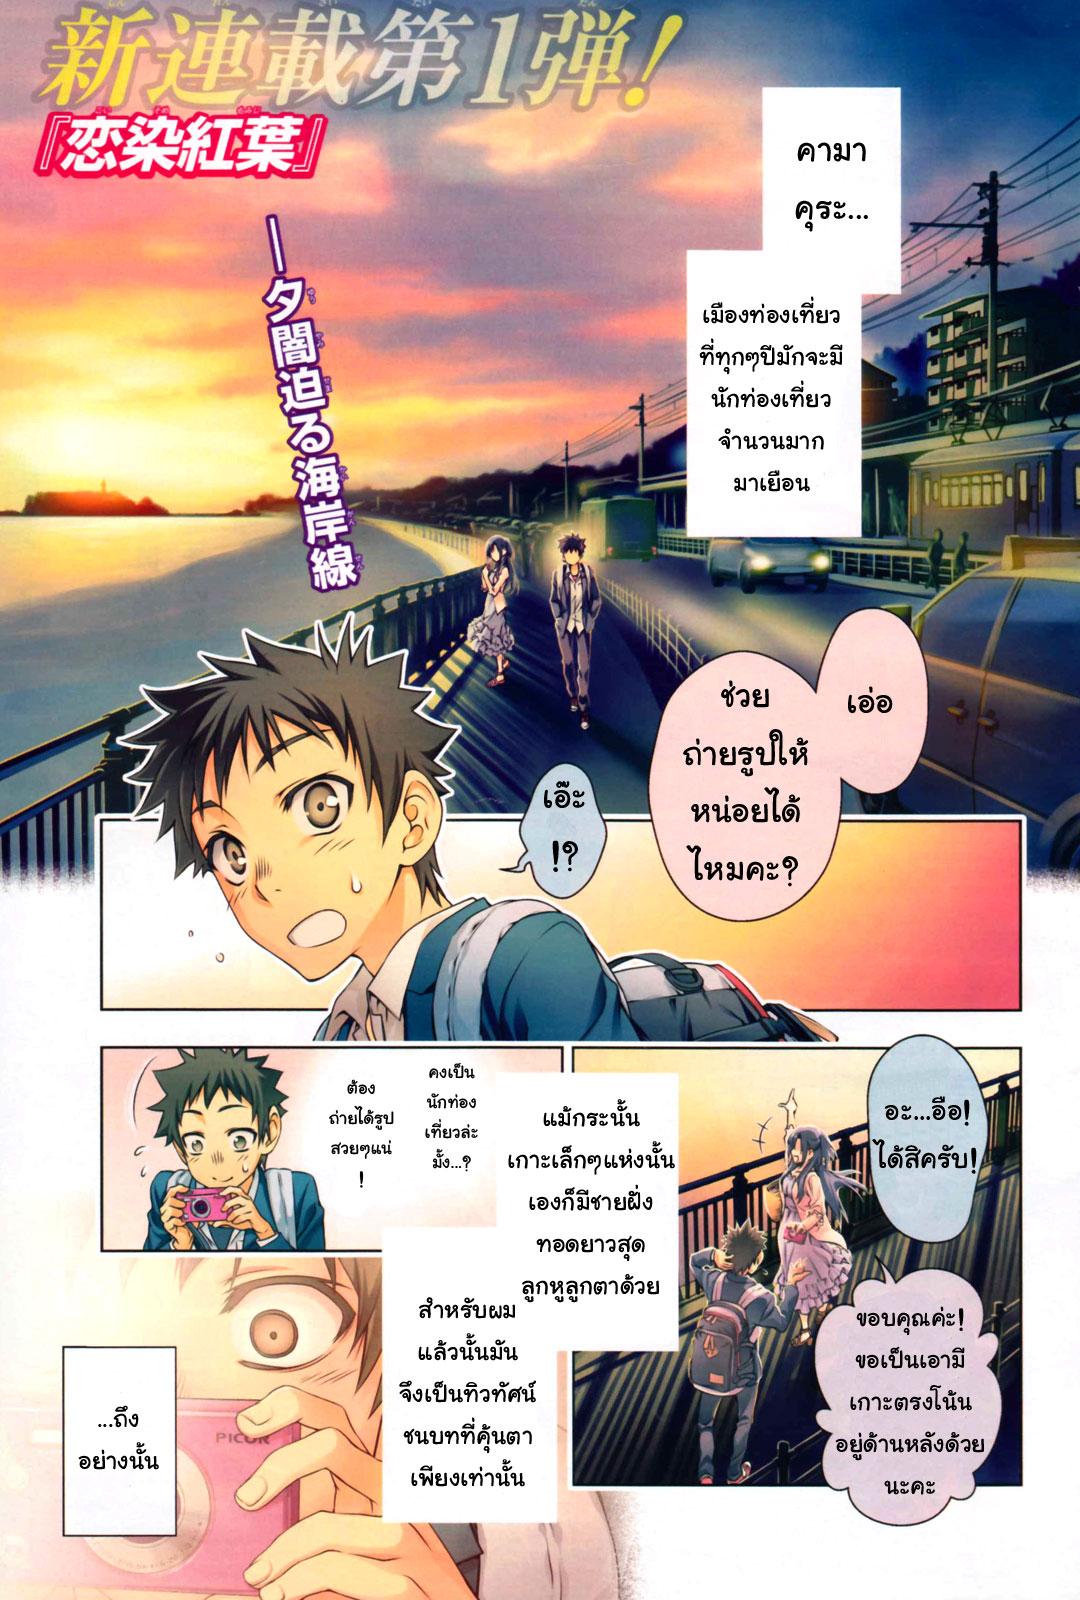 อ่านการ์ตูน Koisome Momiji 1 ภาพที่ 1